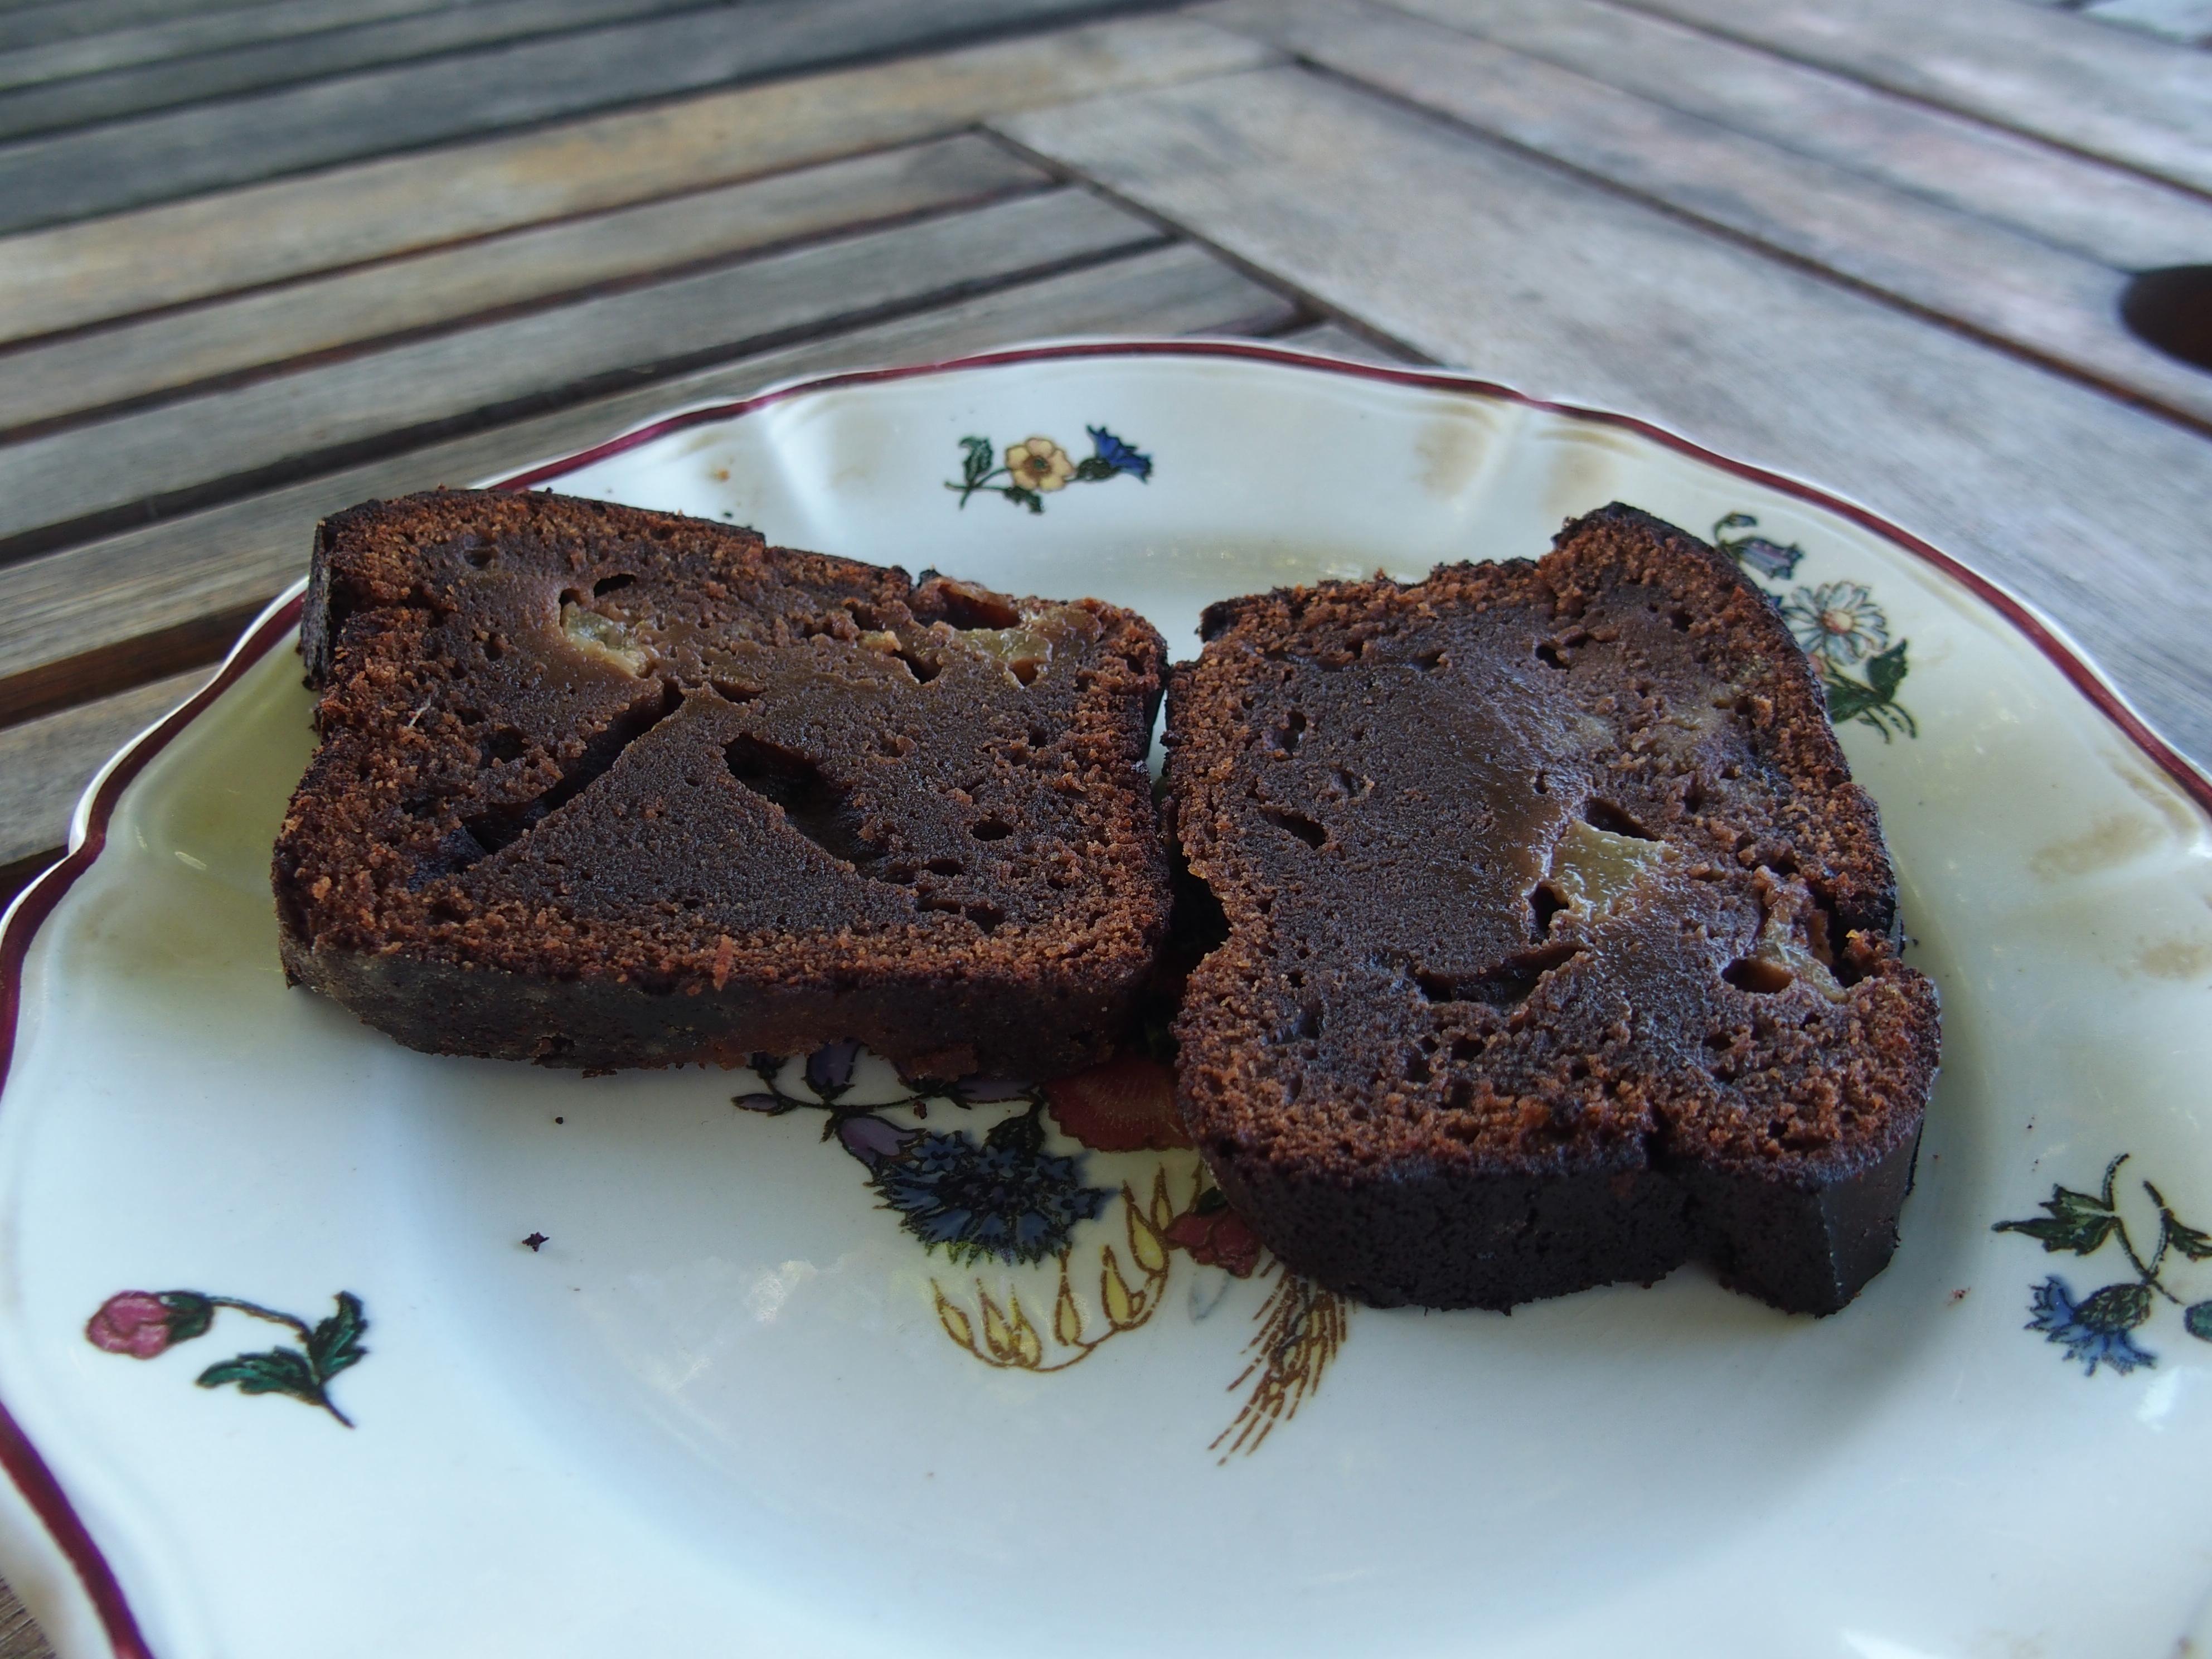 Une bonne idée de goûter gourmand : le cake au chocolat noir et poire